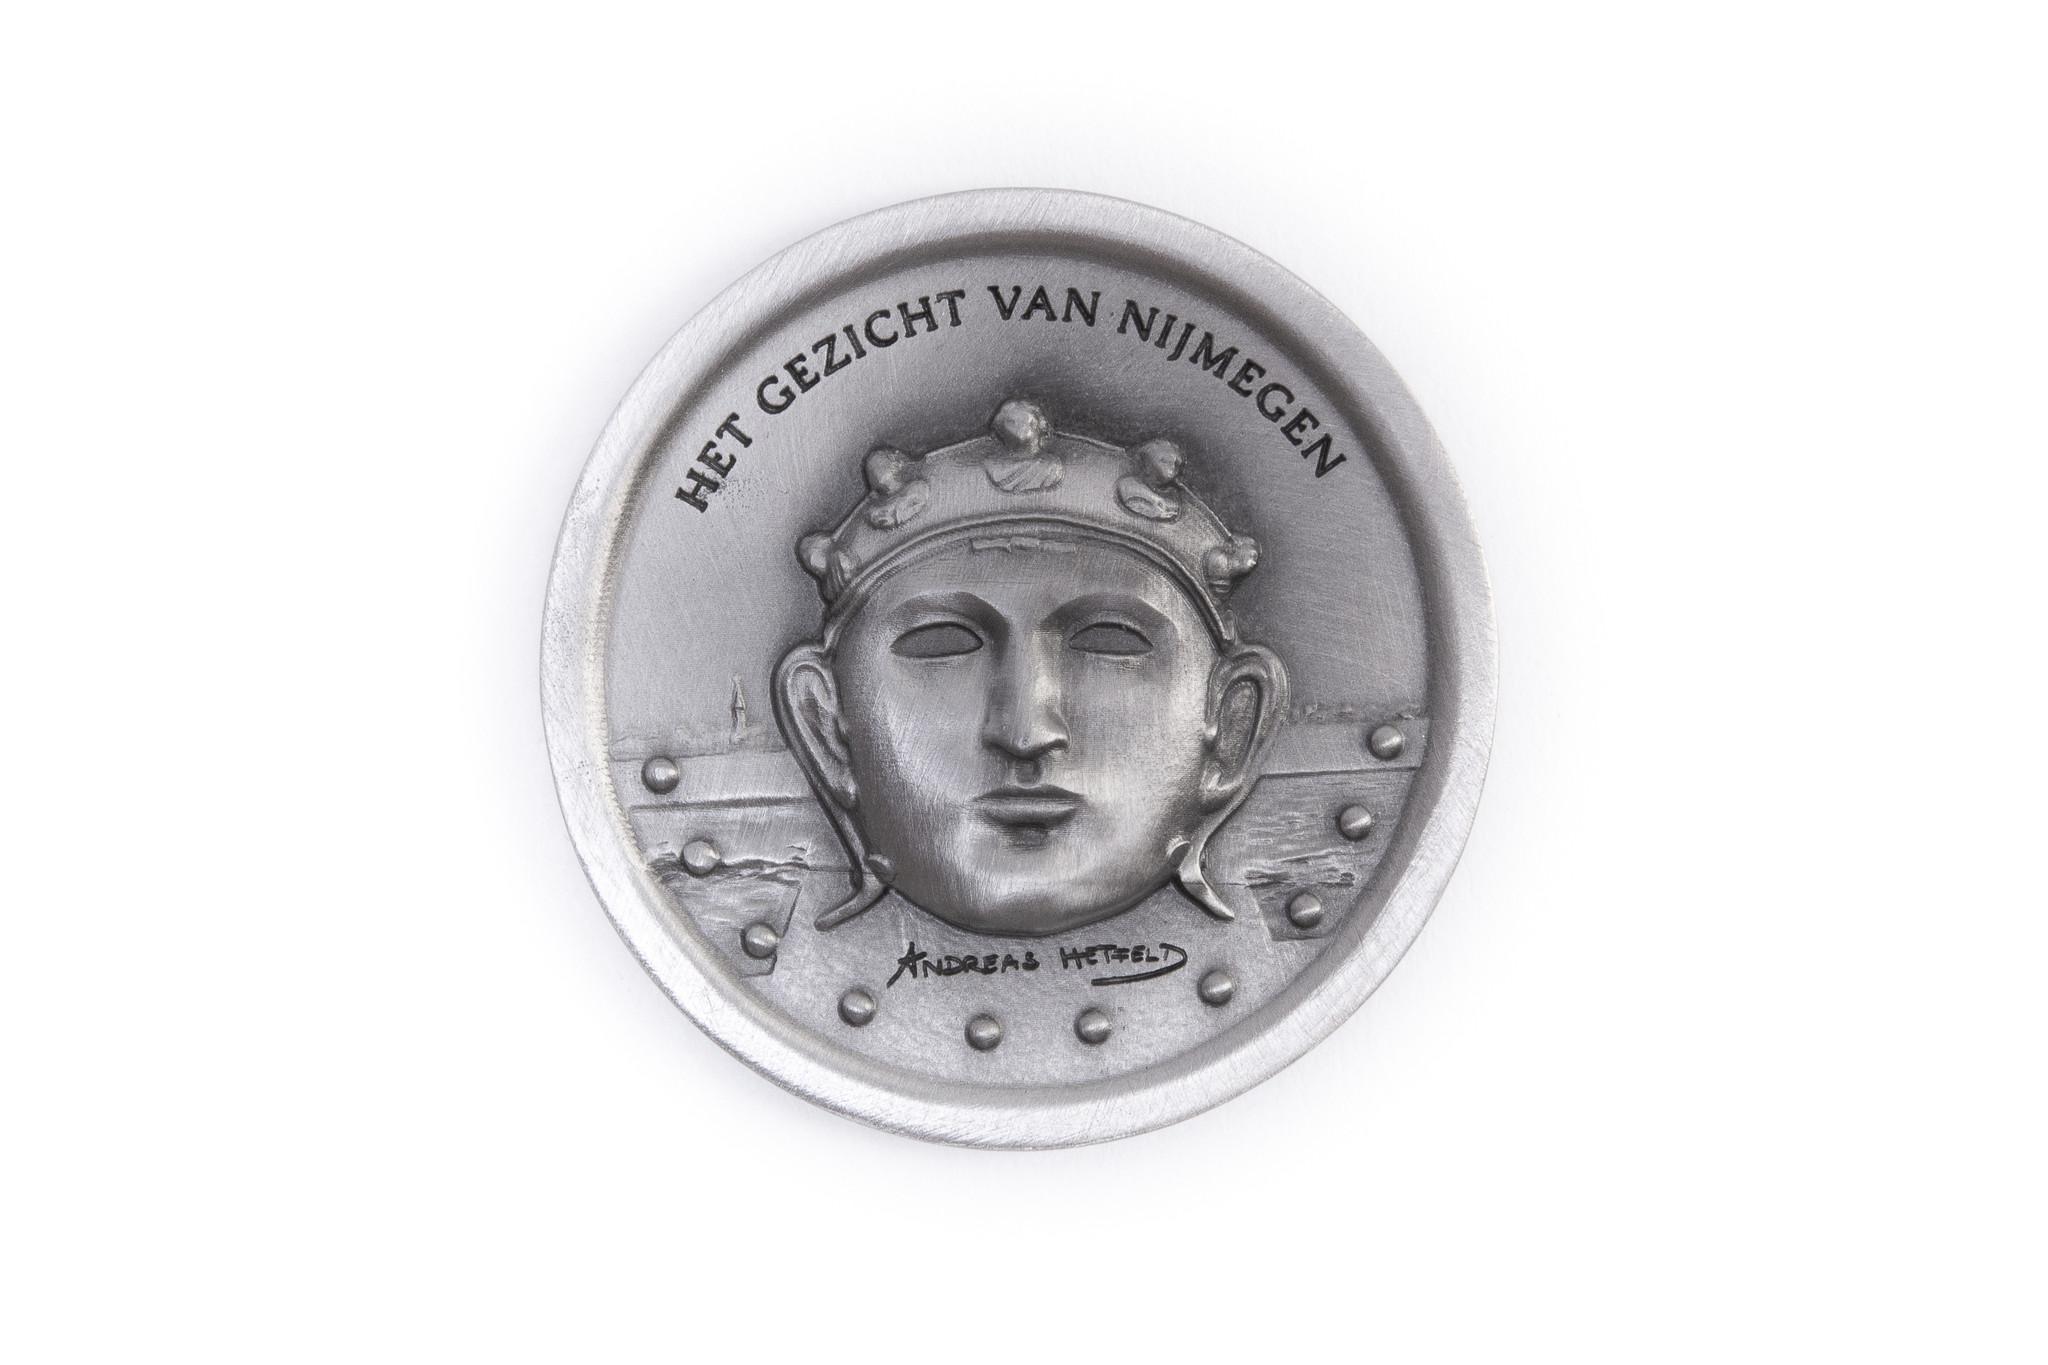 DTR Het Gezicht Van Nijmegen - Munt